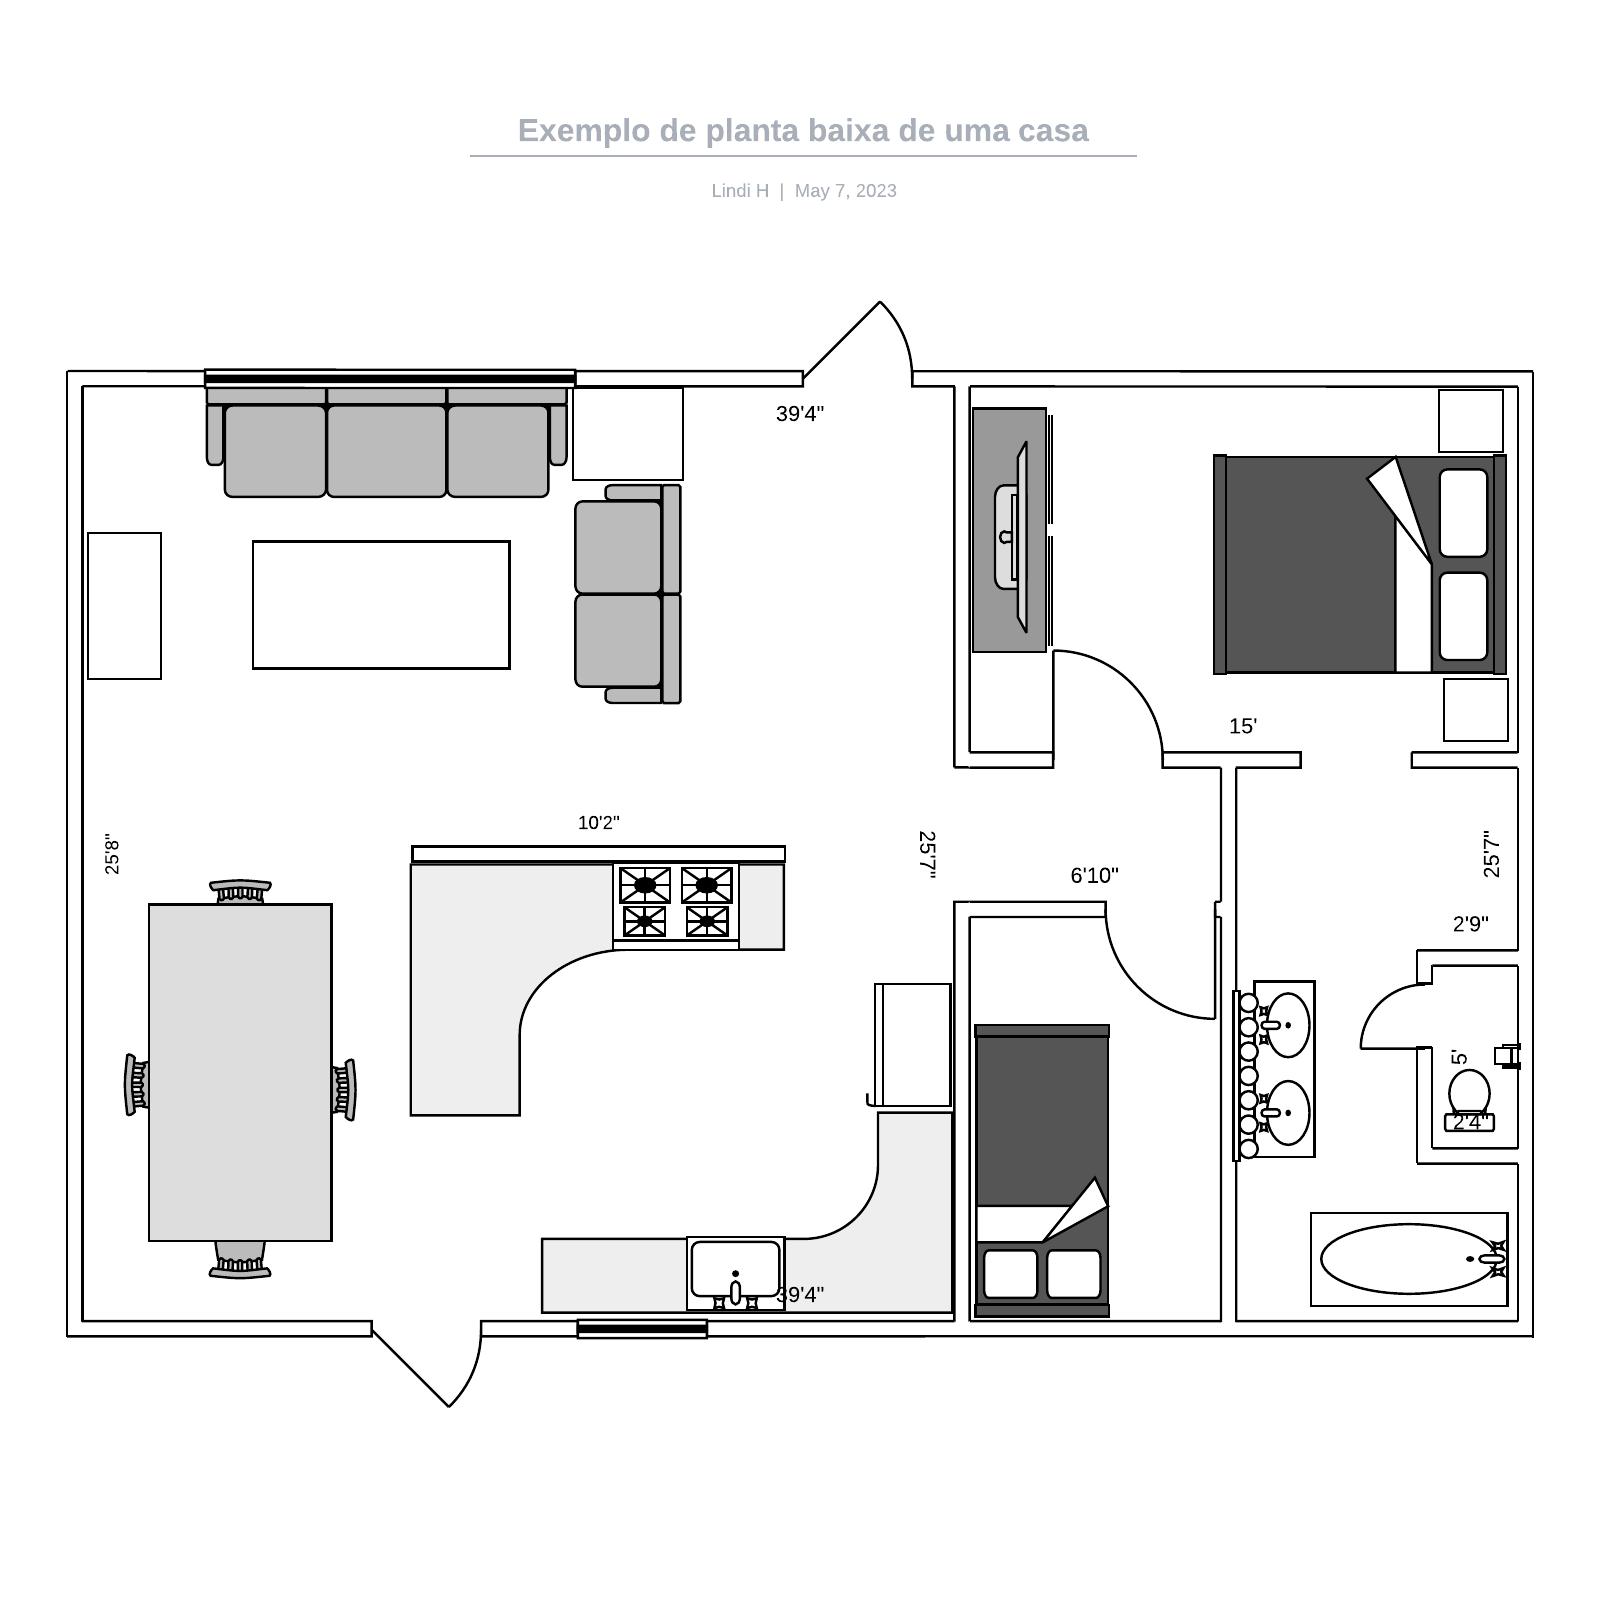 Exemplo de planta baixa de uma casa